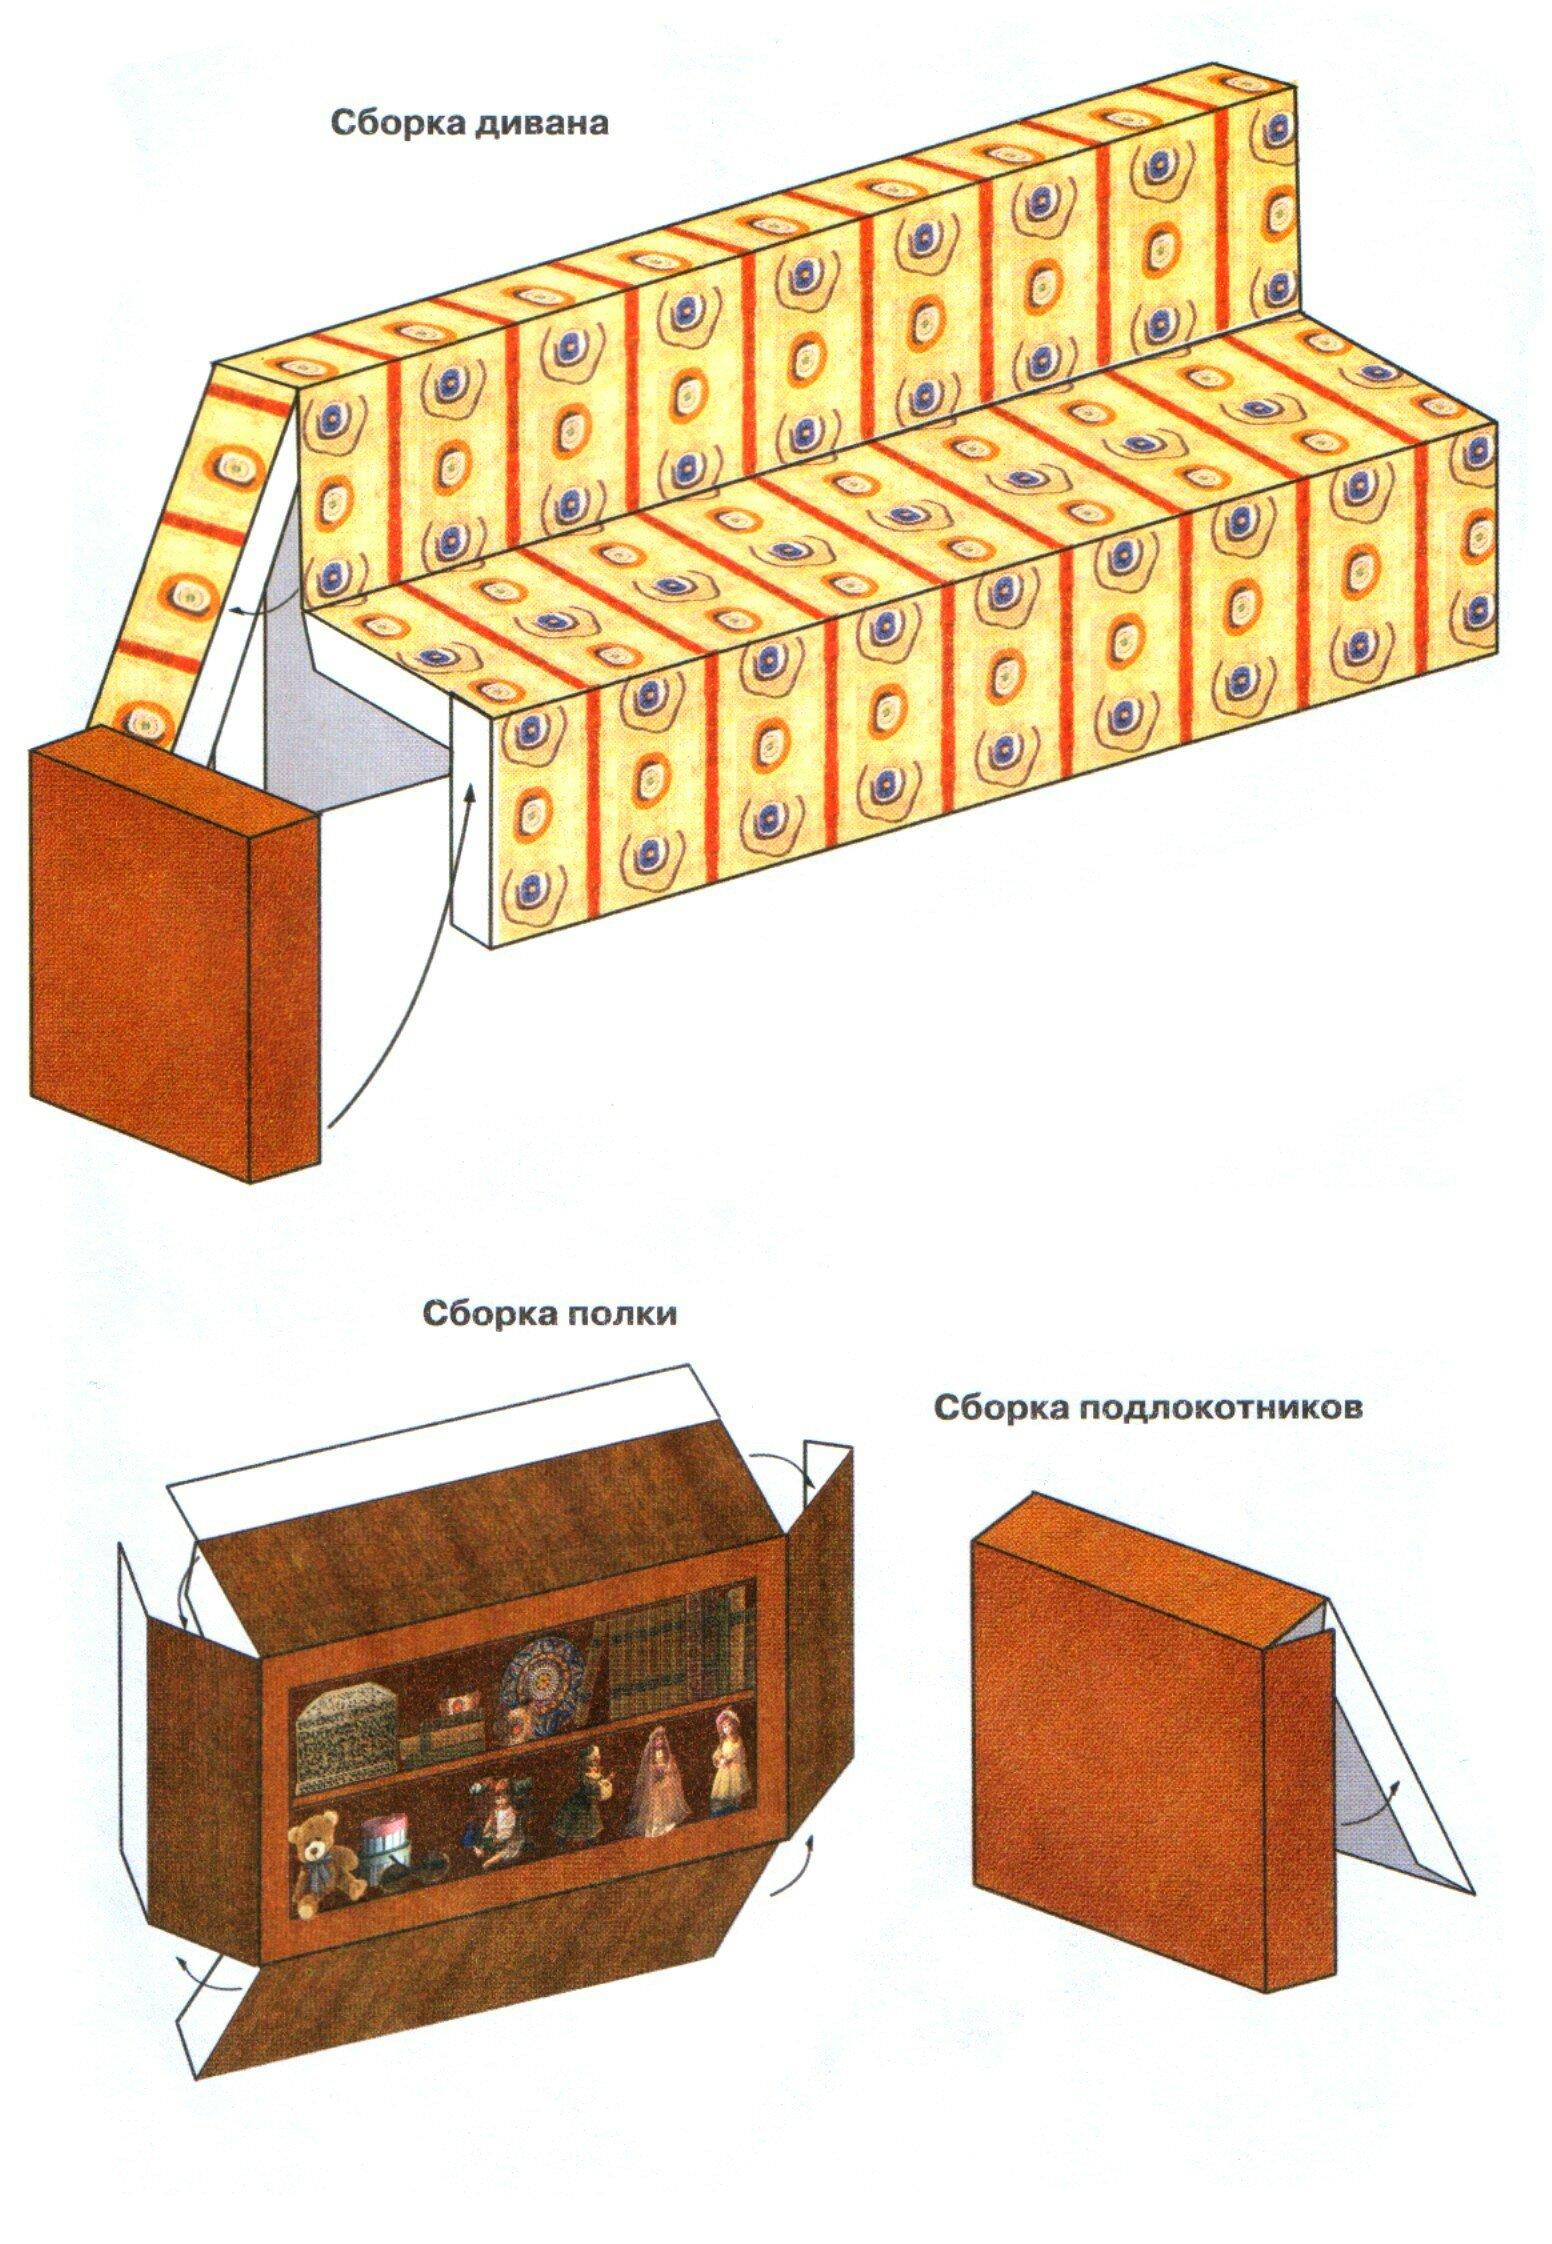 Шкафчик из картона для кукол